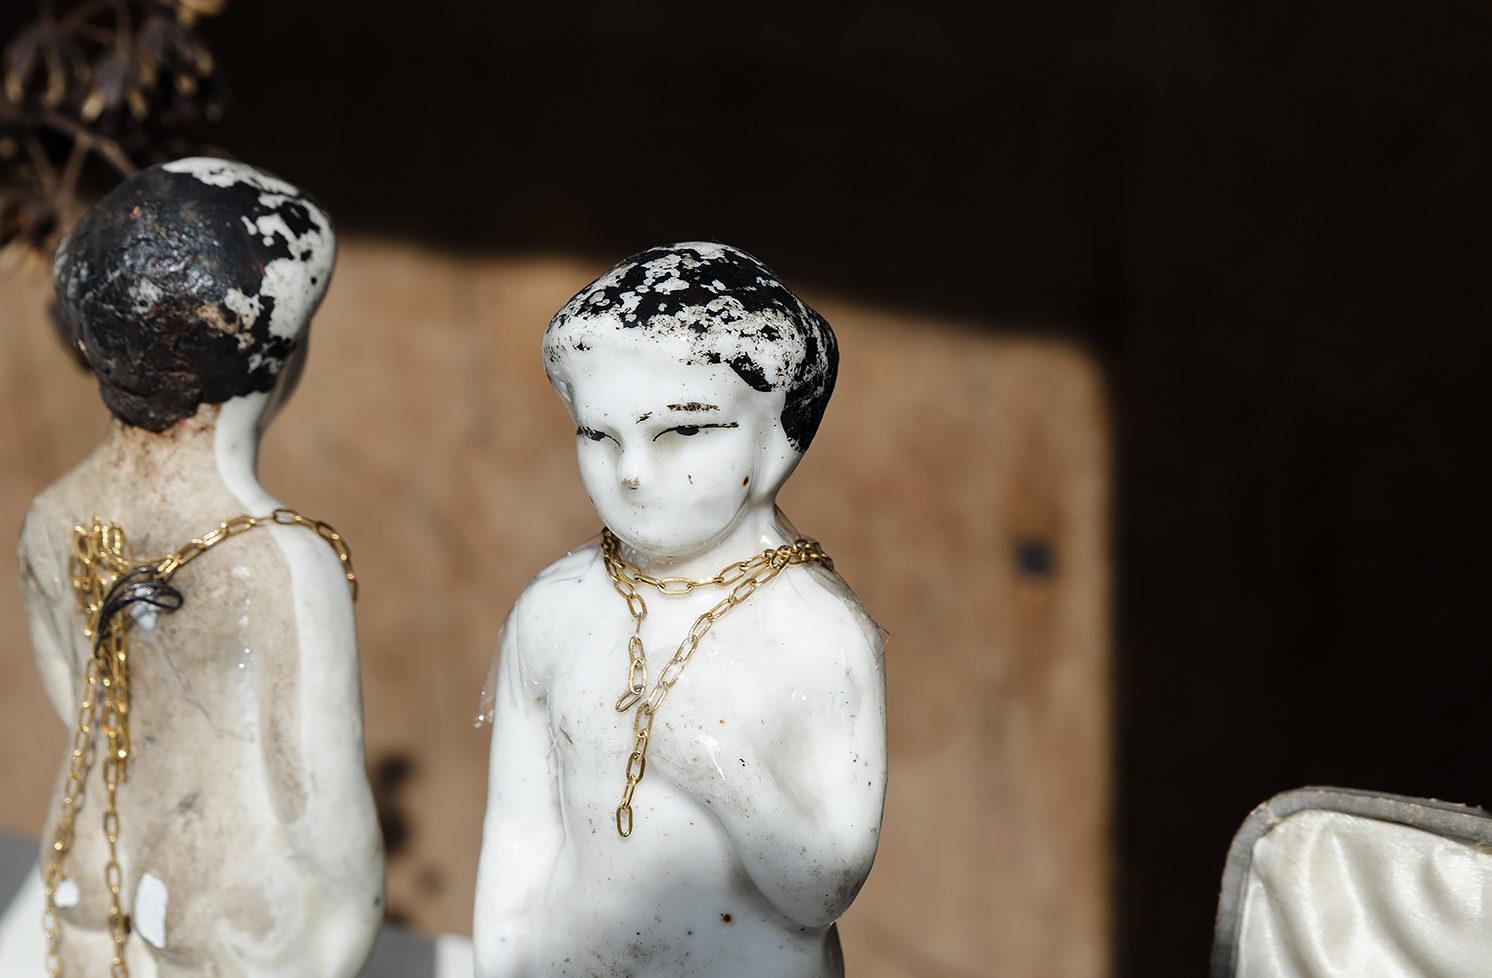 Porcelain Dolls, Natural Gemstones - Agas & Tamar